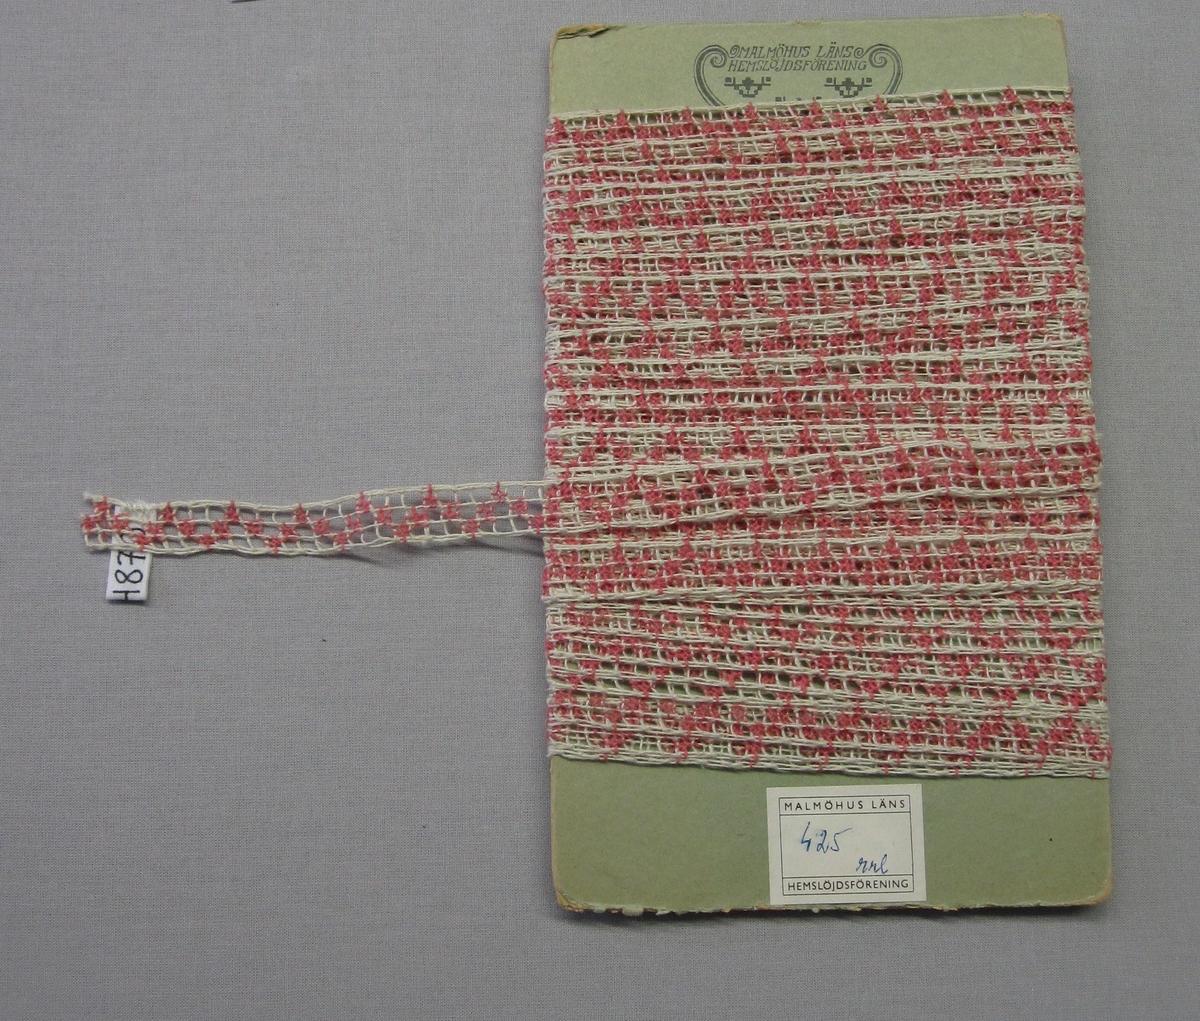 """Smal filéknuten spets med trätt mönster, knutet och trätt. Nätet är knutet av rakställda rutor i halvblekt lingarn. Glest trädda singlingar i rosa bomullsgarn bildar ett sick-sackmönster. Spetsen som sålts som metervara är lindad på kartong stämplad """"MALMÖHUS LÄNS HEMSLÖJDSFÖRENING"""" och med prislapp märkt: """"4.25  rrl""""."""